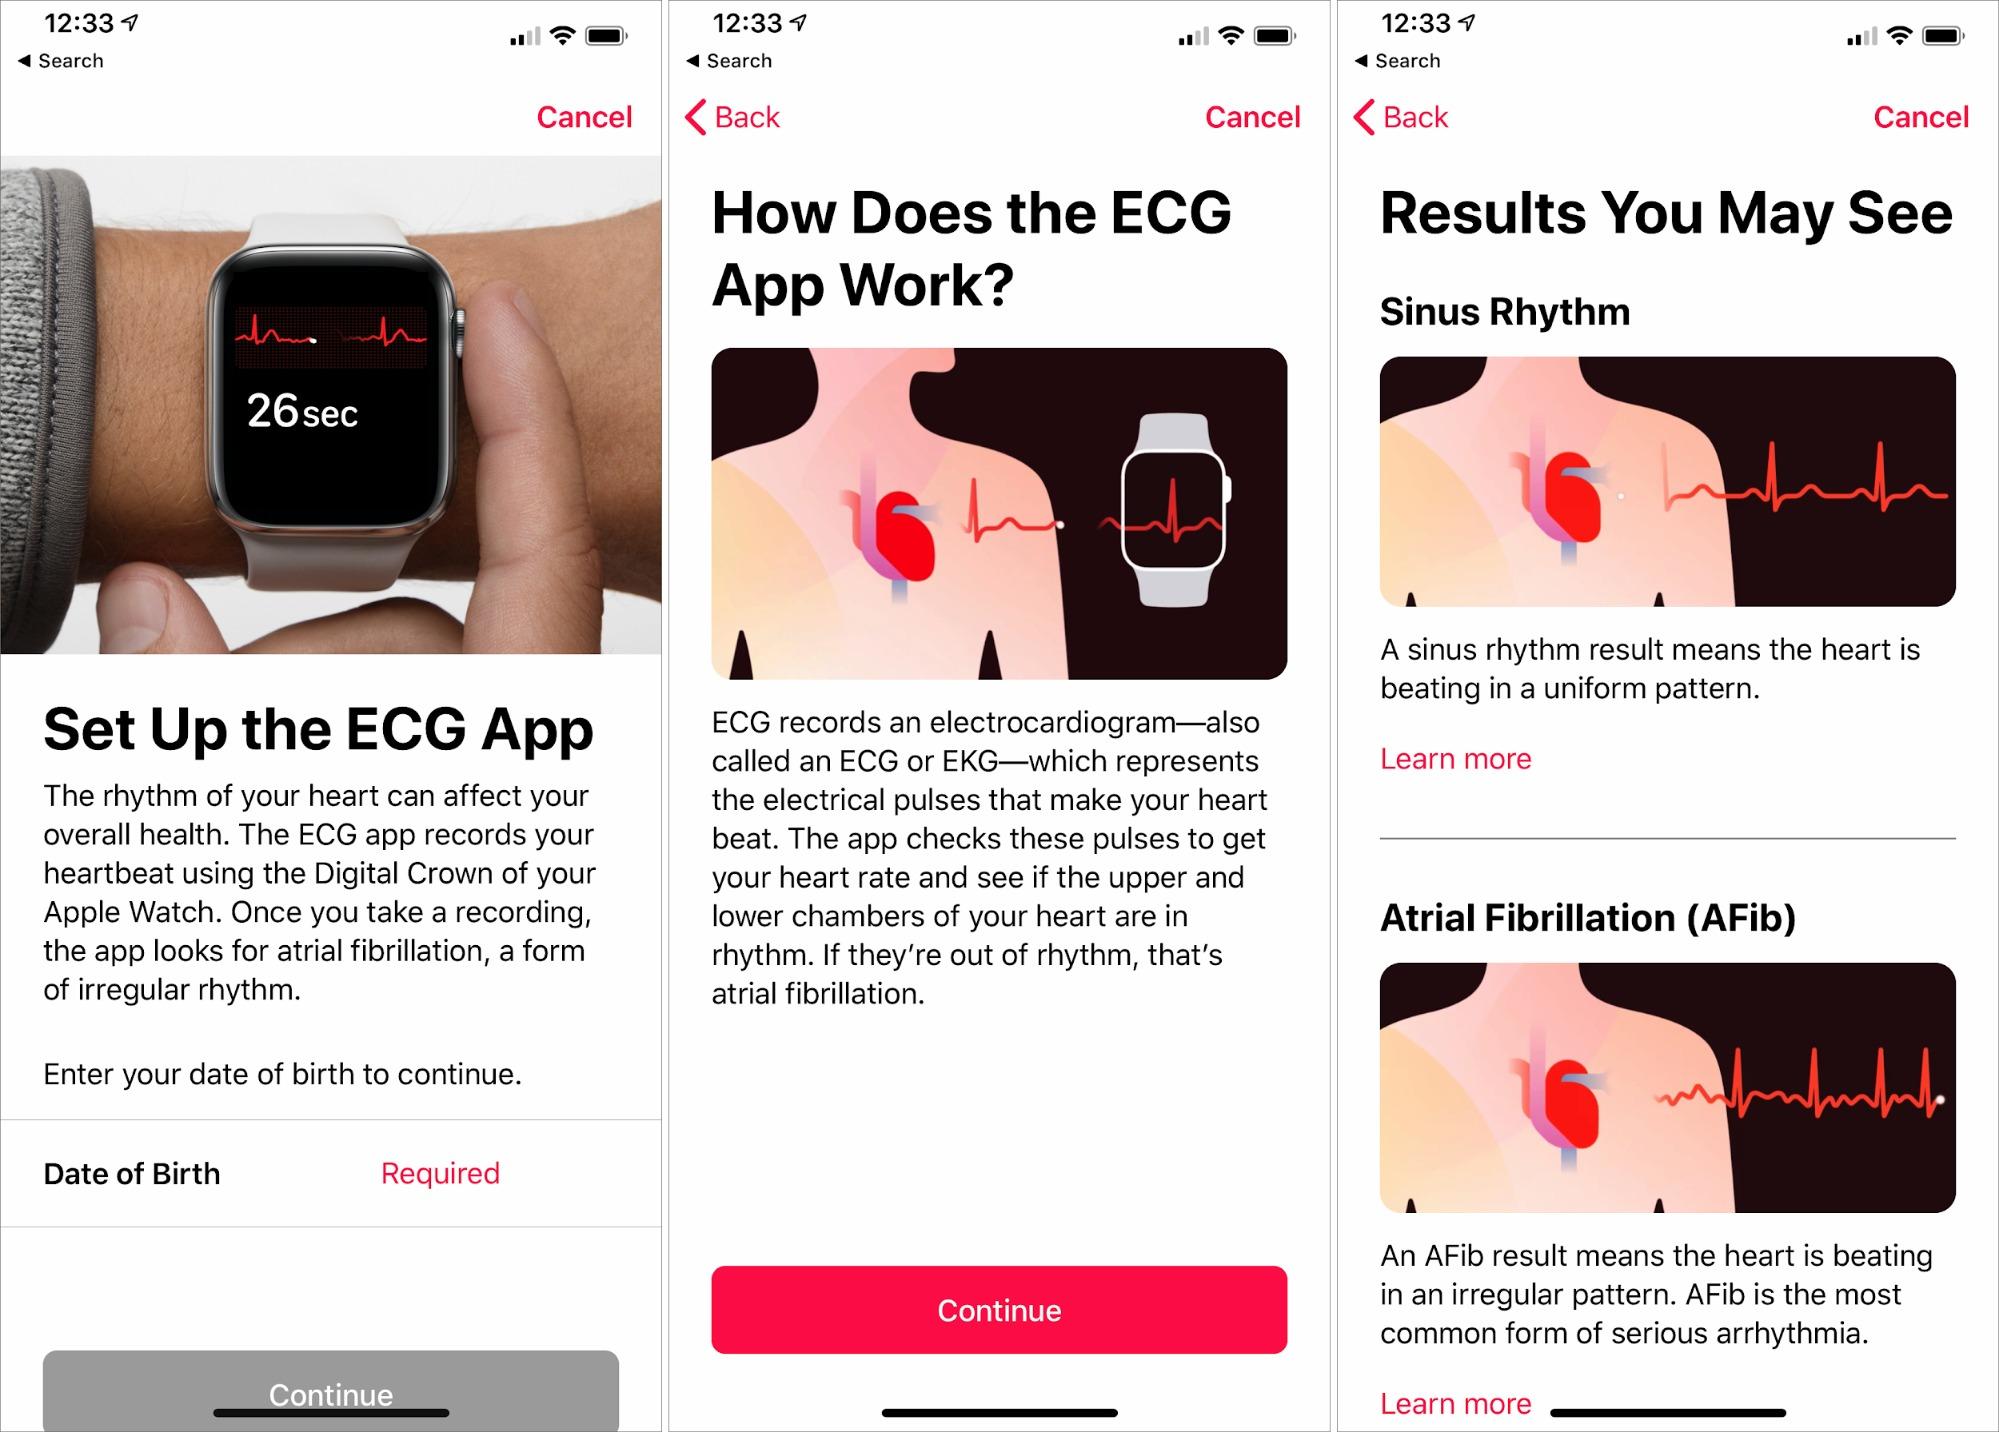 1e3e22ac30 1445: Apple Watch で ECG (心電図)、Apple の OS アップデート、Google ...